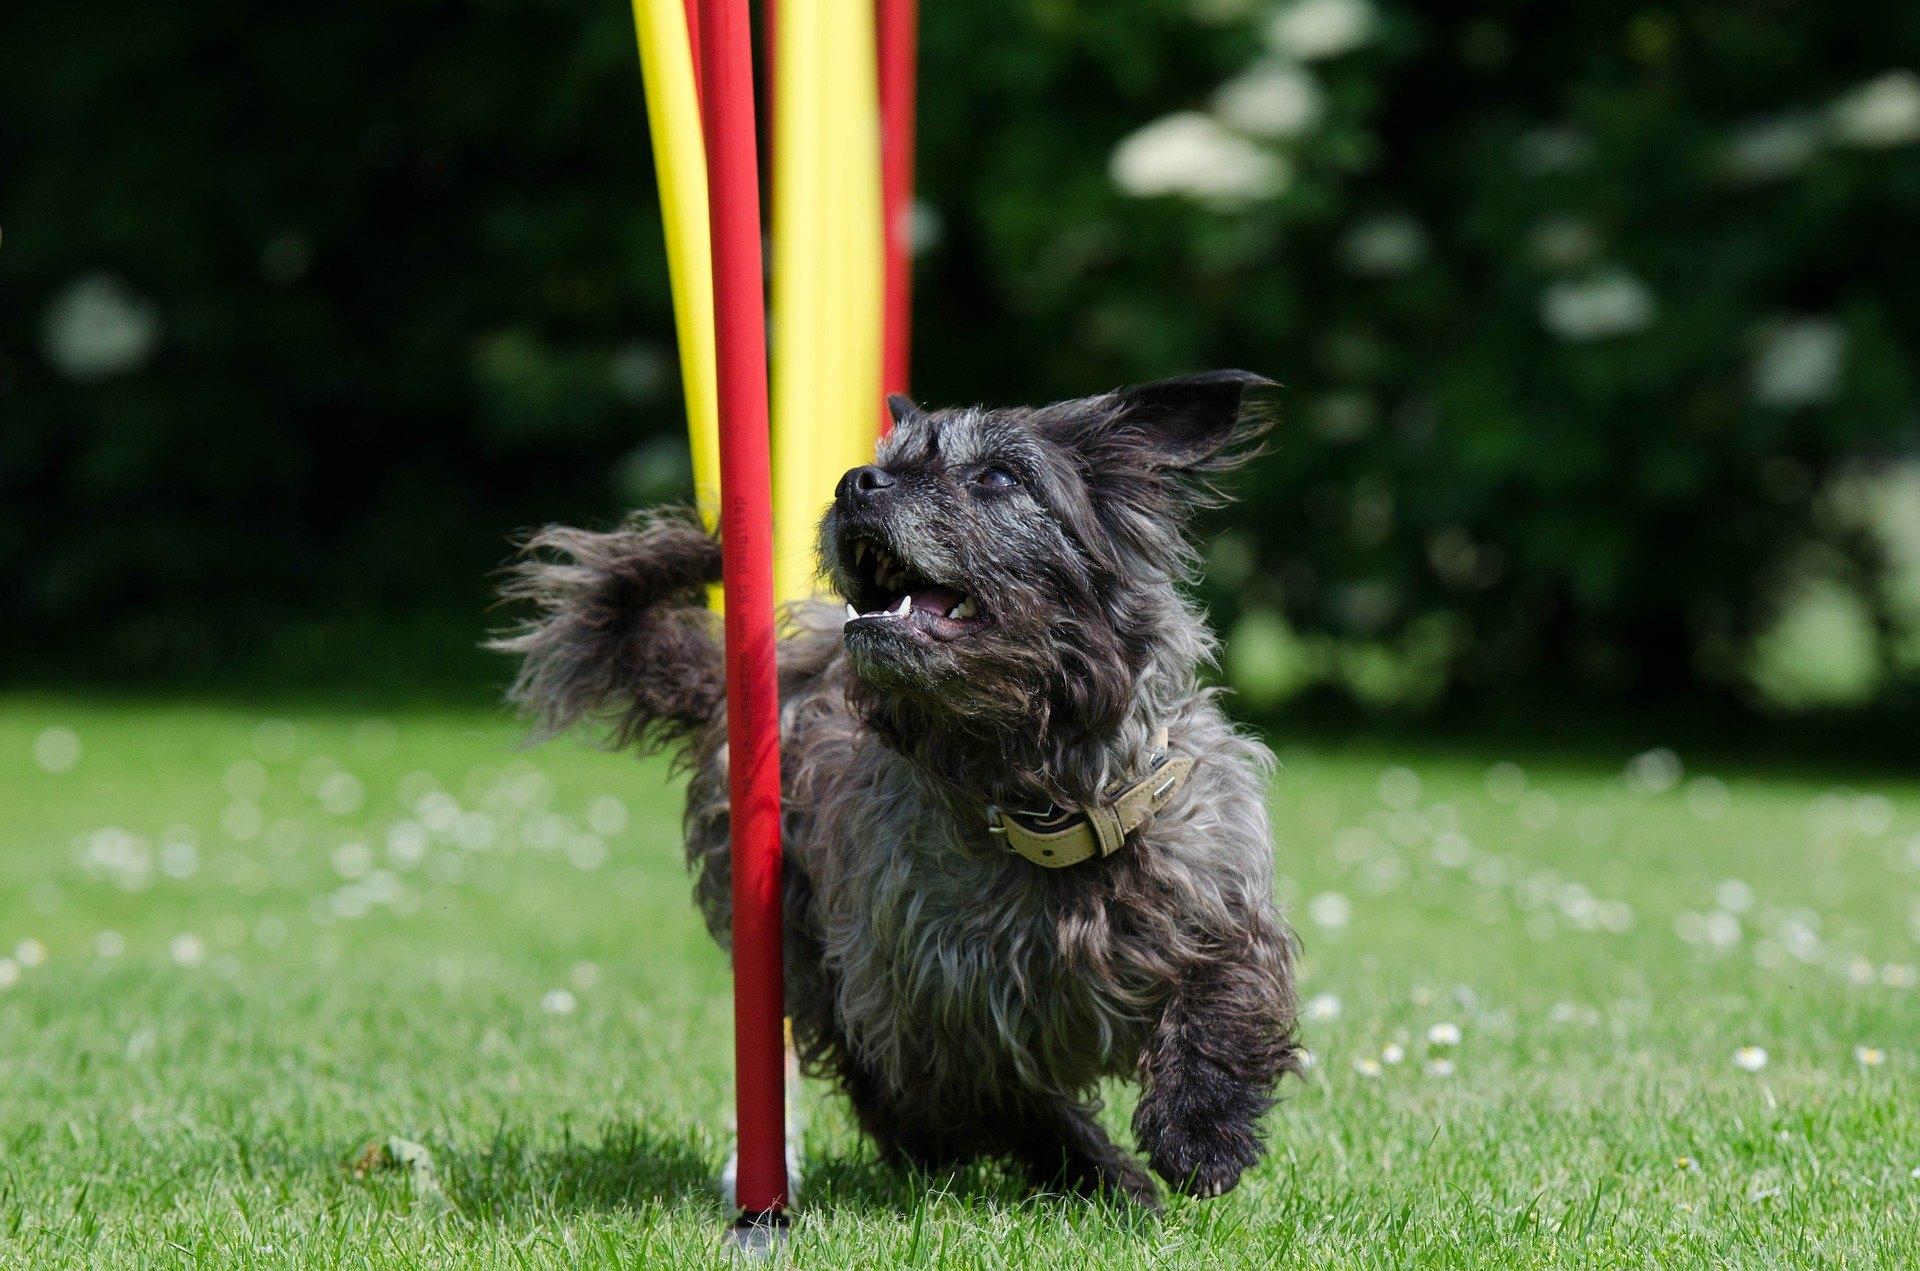 Ein Spielplatz für Hunde ist ein Ort des großen Spaßes, an dem Sie die Bindung zwischen dem Vormund und dem Tier stärken können.